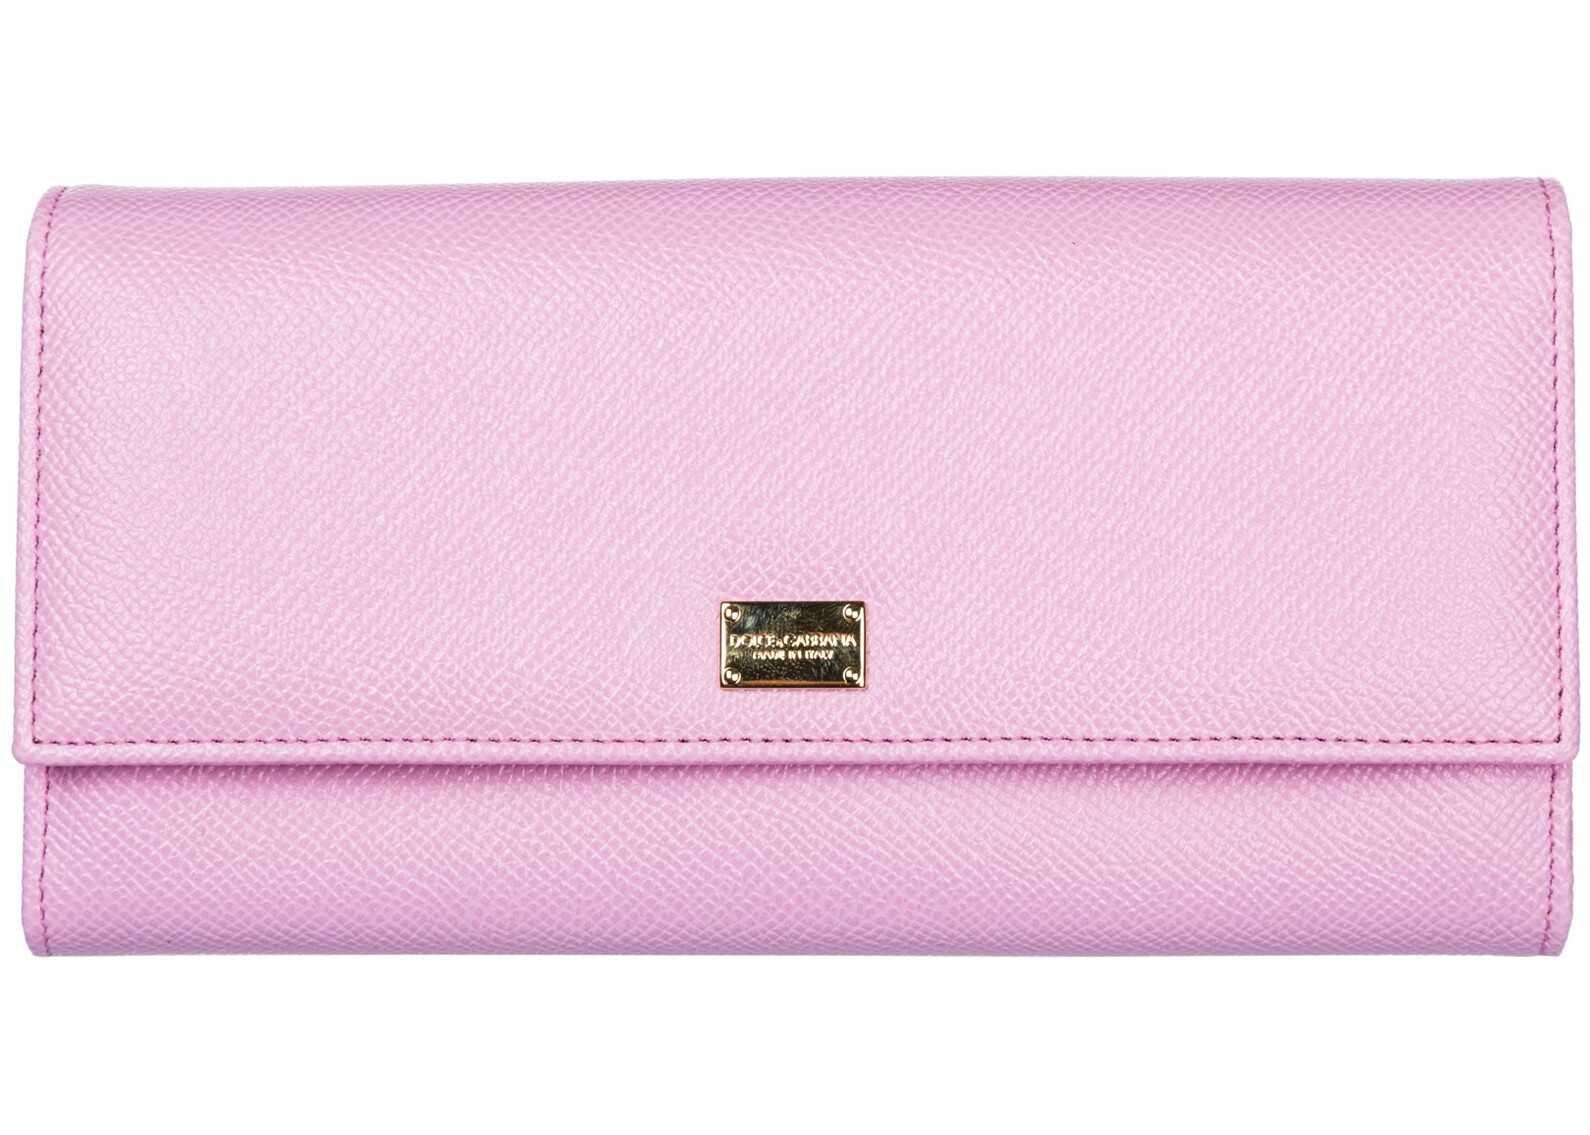 Dolce & Gabbana Purse Card Pink